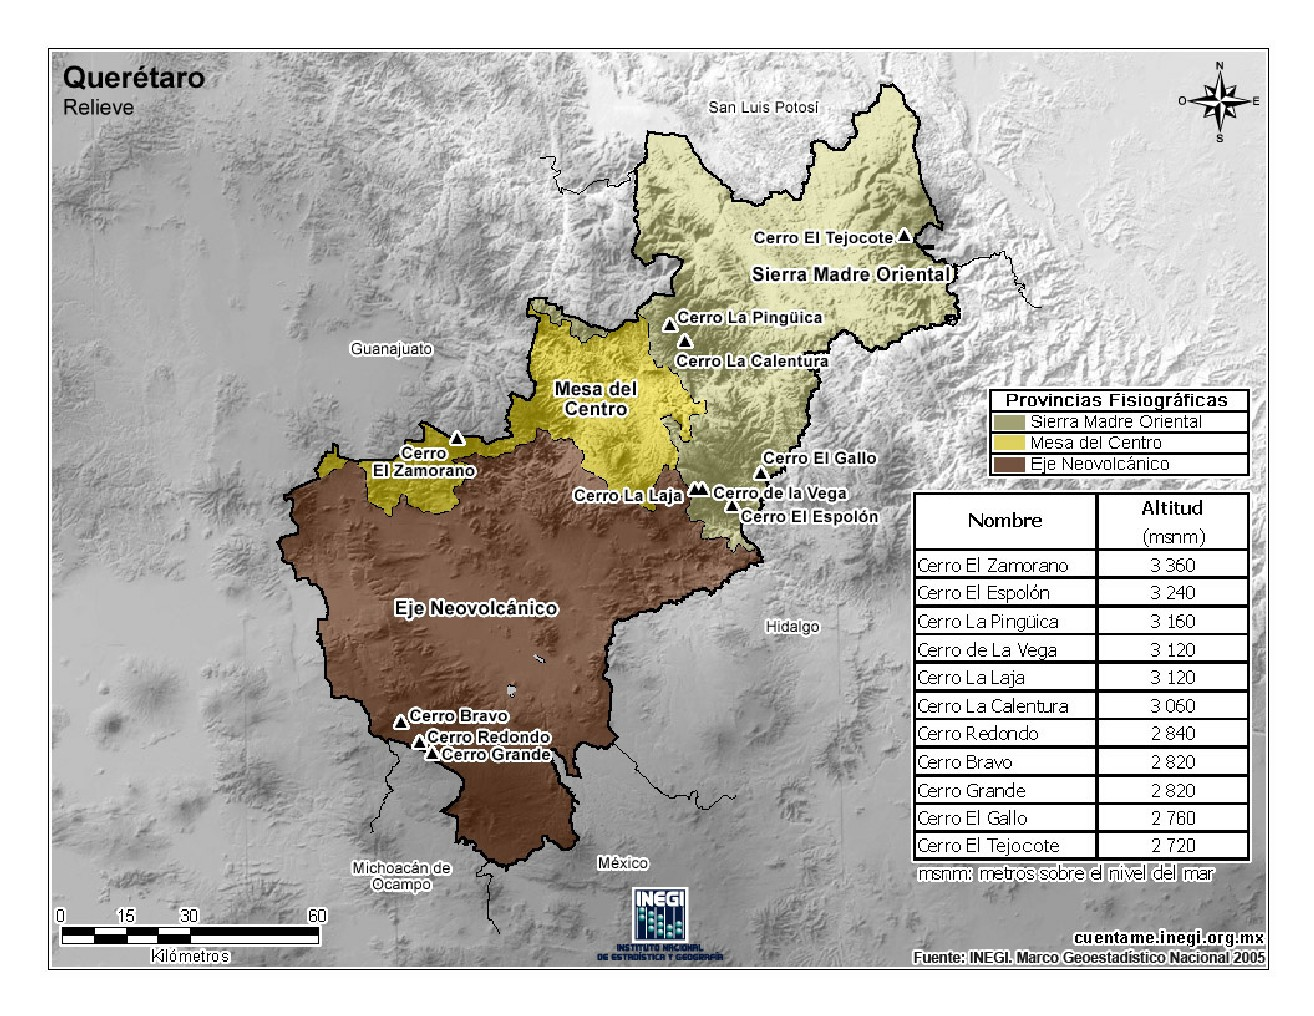 Mapa en color de montañas de Querétaro. INEGI de México